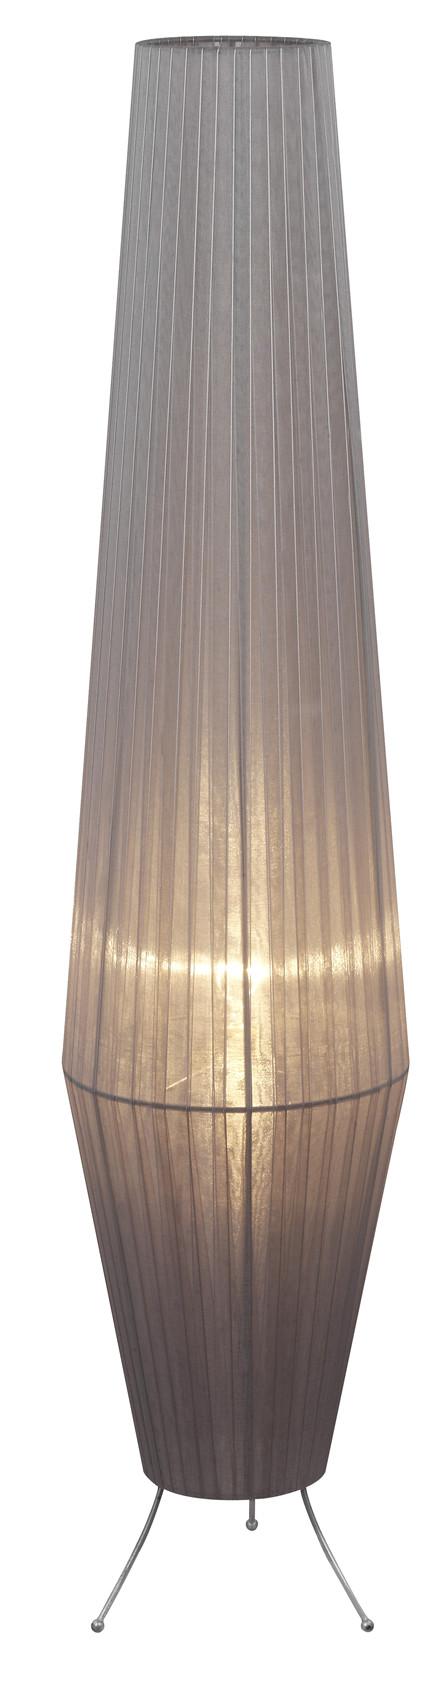 Lavi gulvlampe - grå